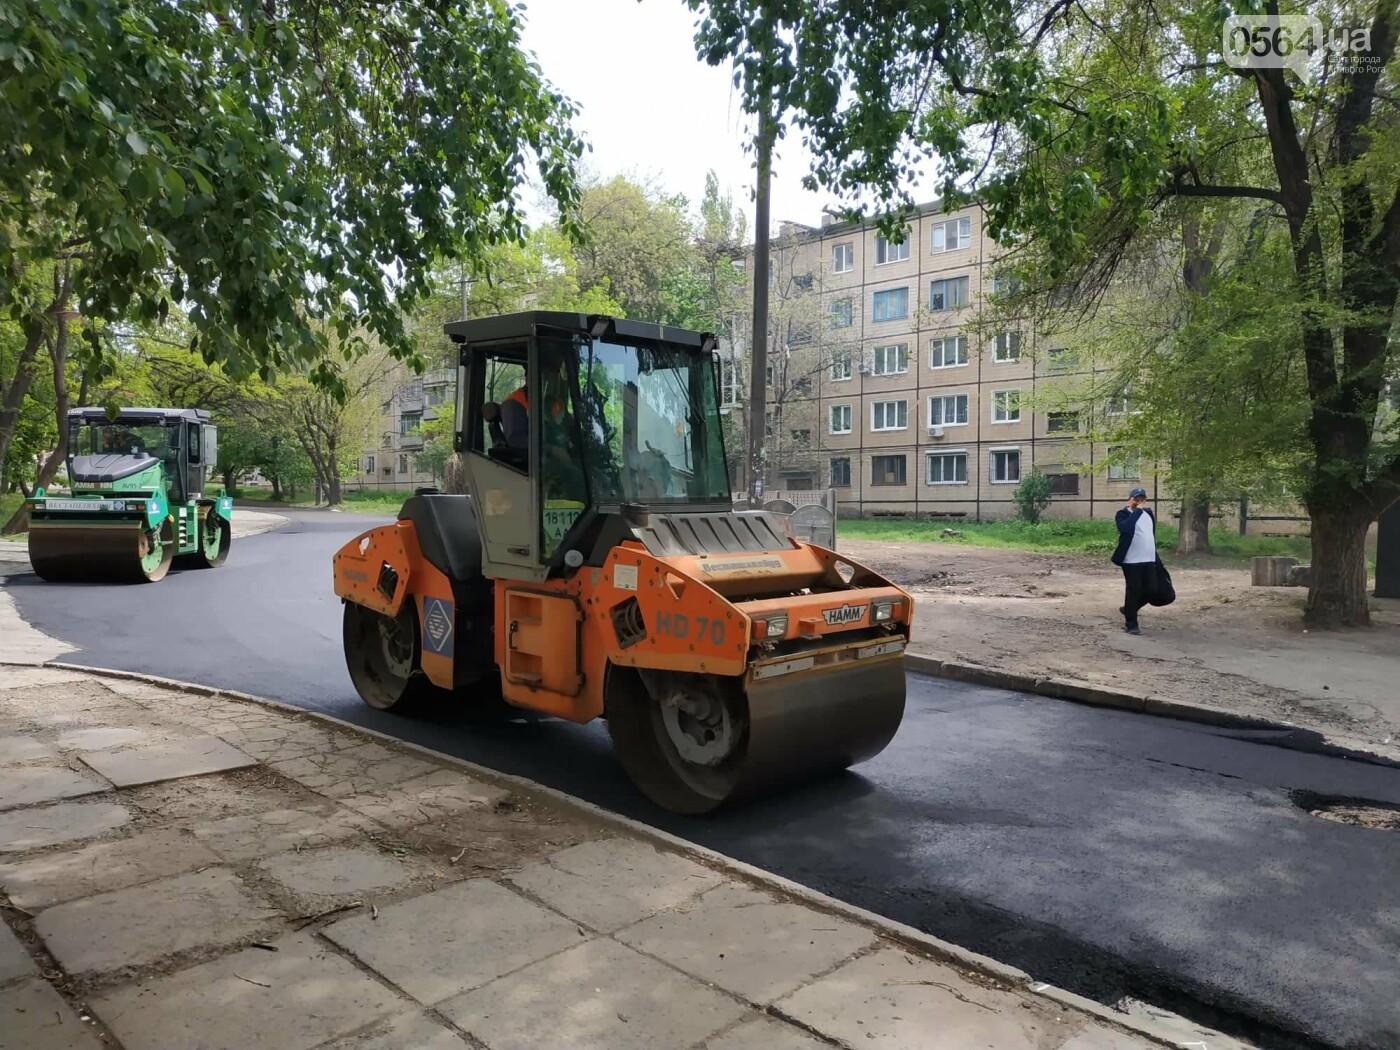 Благоустройство города: в Кривом Роге полным ходом идут ремонты дорог, фото-3